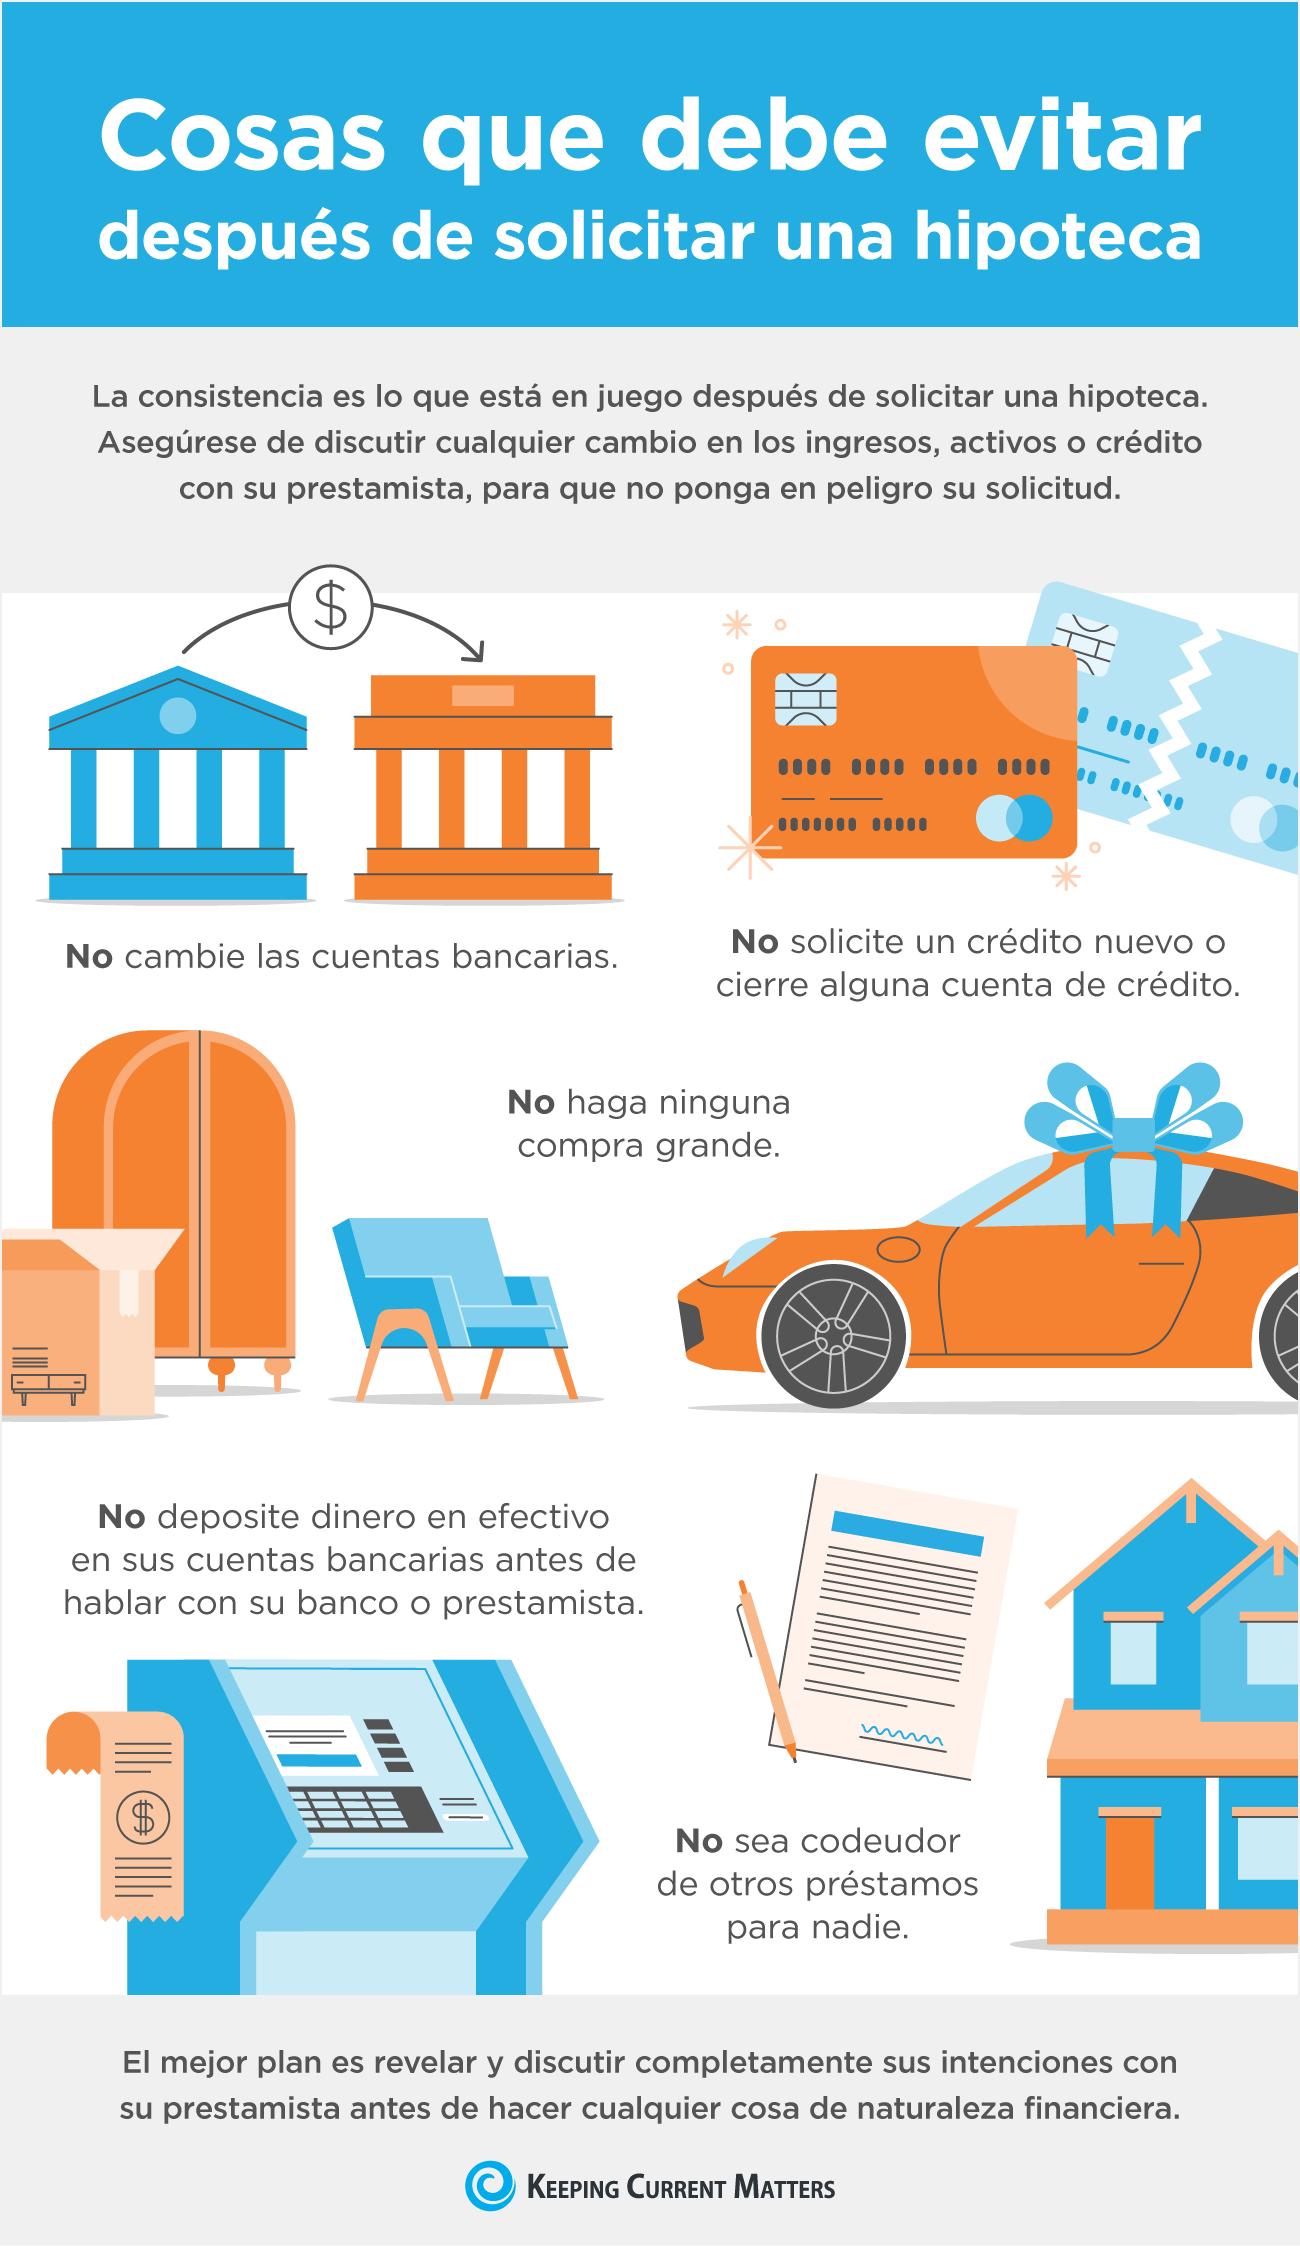 Cosas que debe evitar después de solicitar una hipoteca [infografía]   Keeping Current Matters